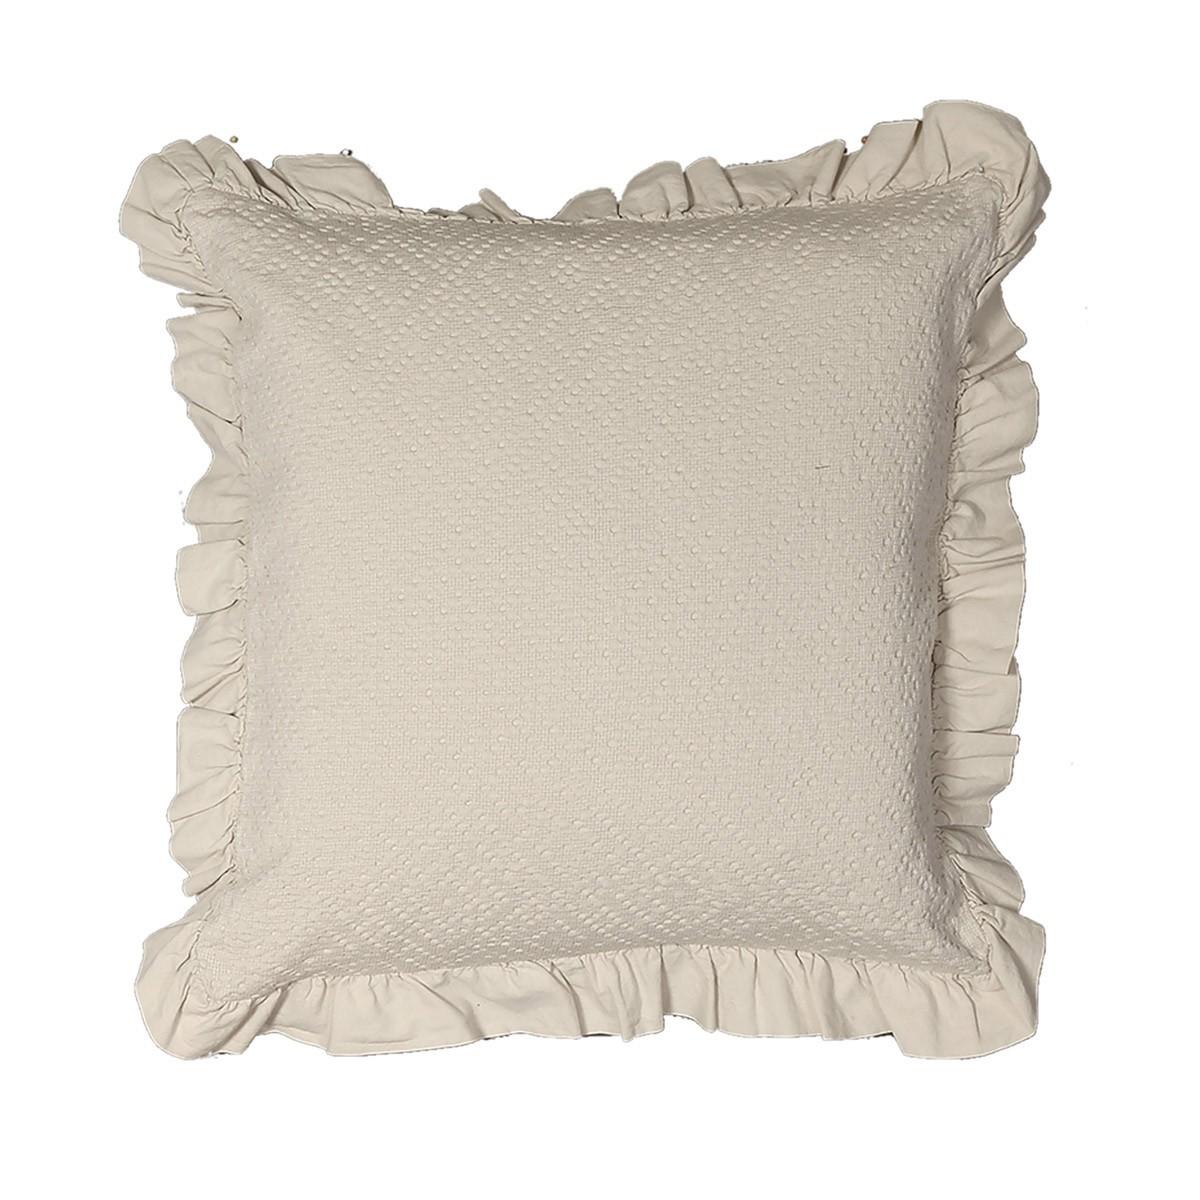 Διακοσμητικό Μαξιλάρι Nef-Nef Anthea Linen